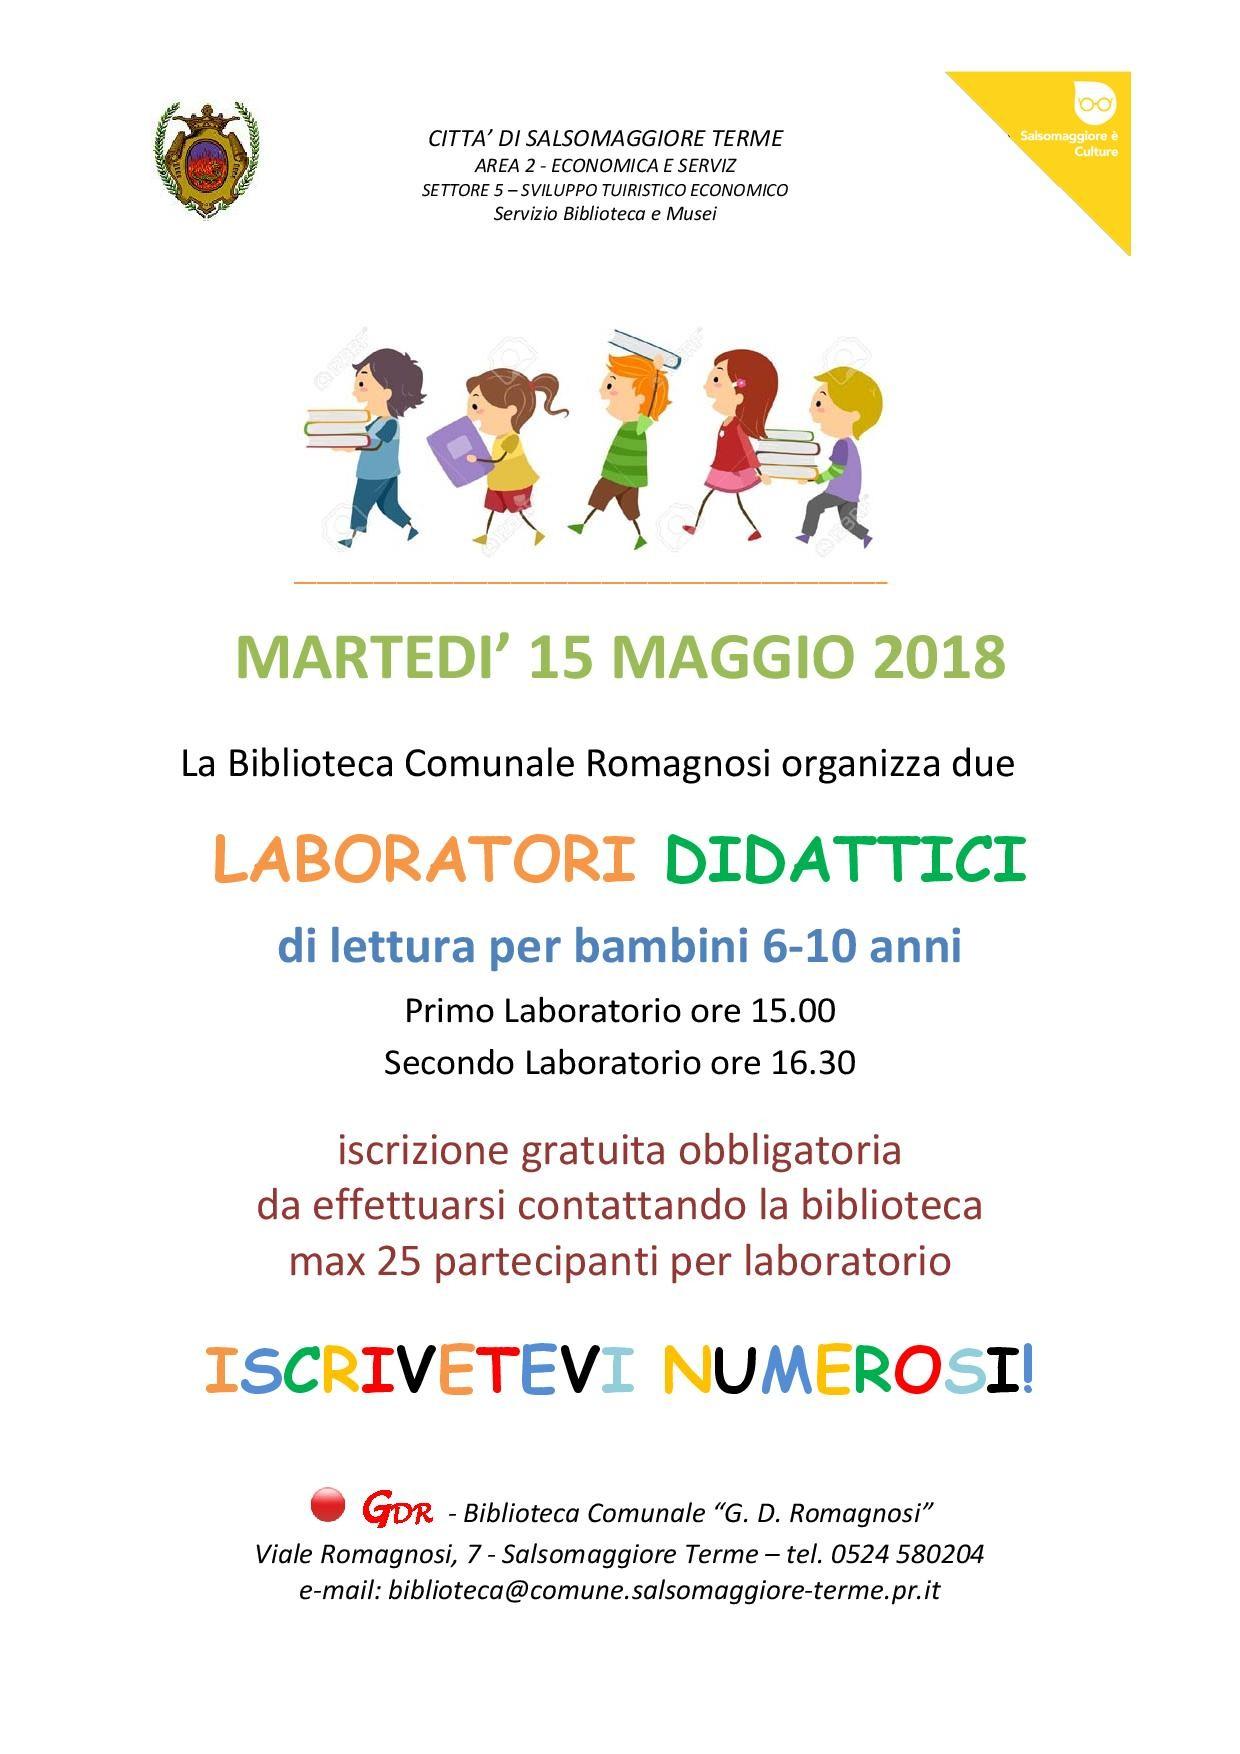 La Civica Biblioteca Romagnosi ha organizzato due laboratori didattici di lettura per bambini